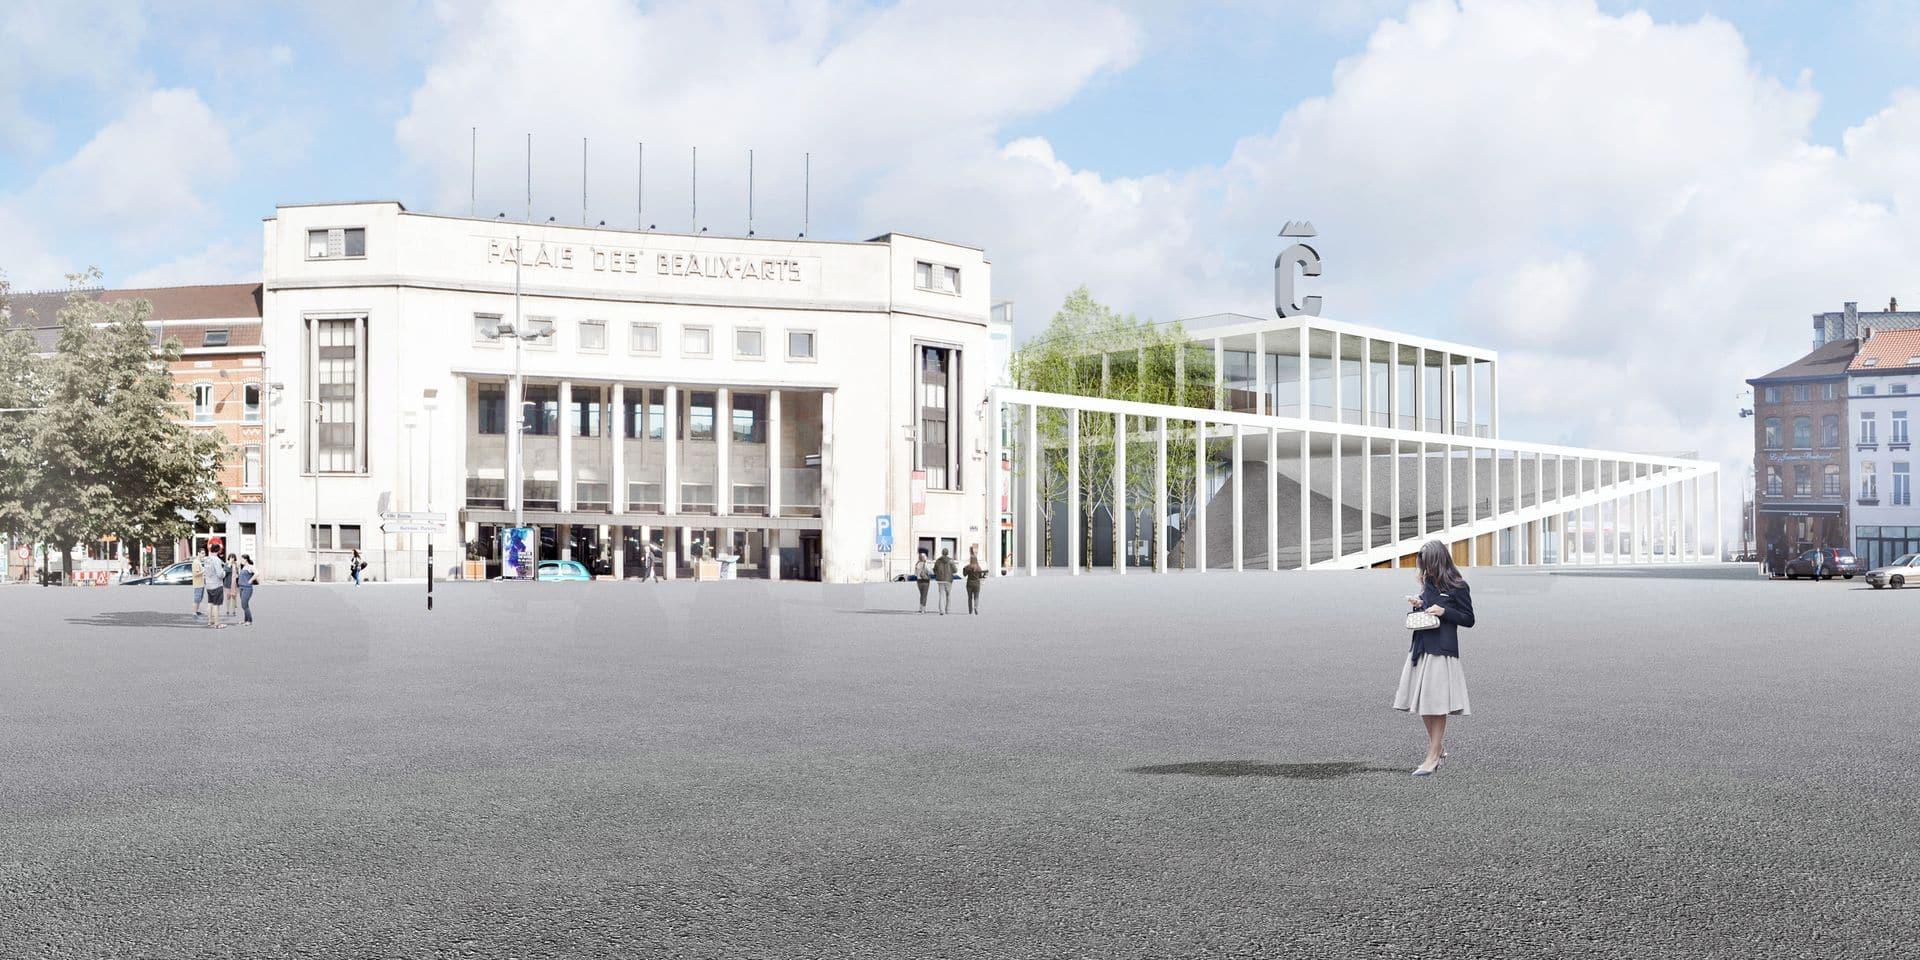 Charleroi s'offre un centre de congrès à 24,7 millions